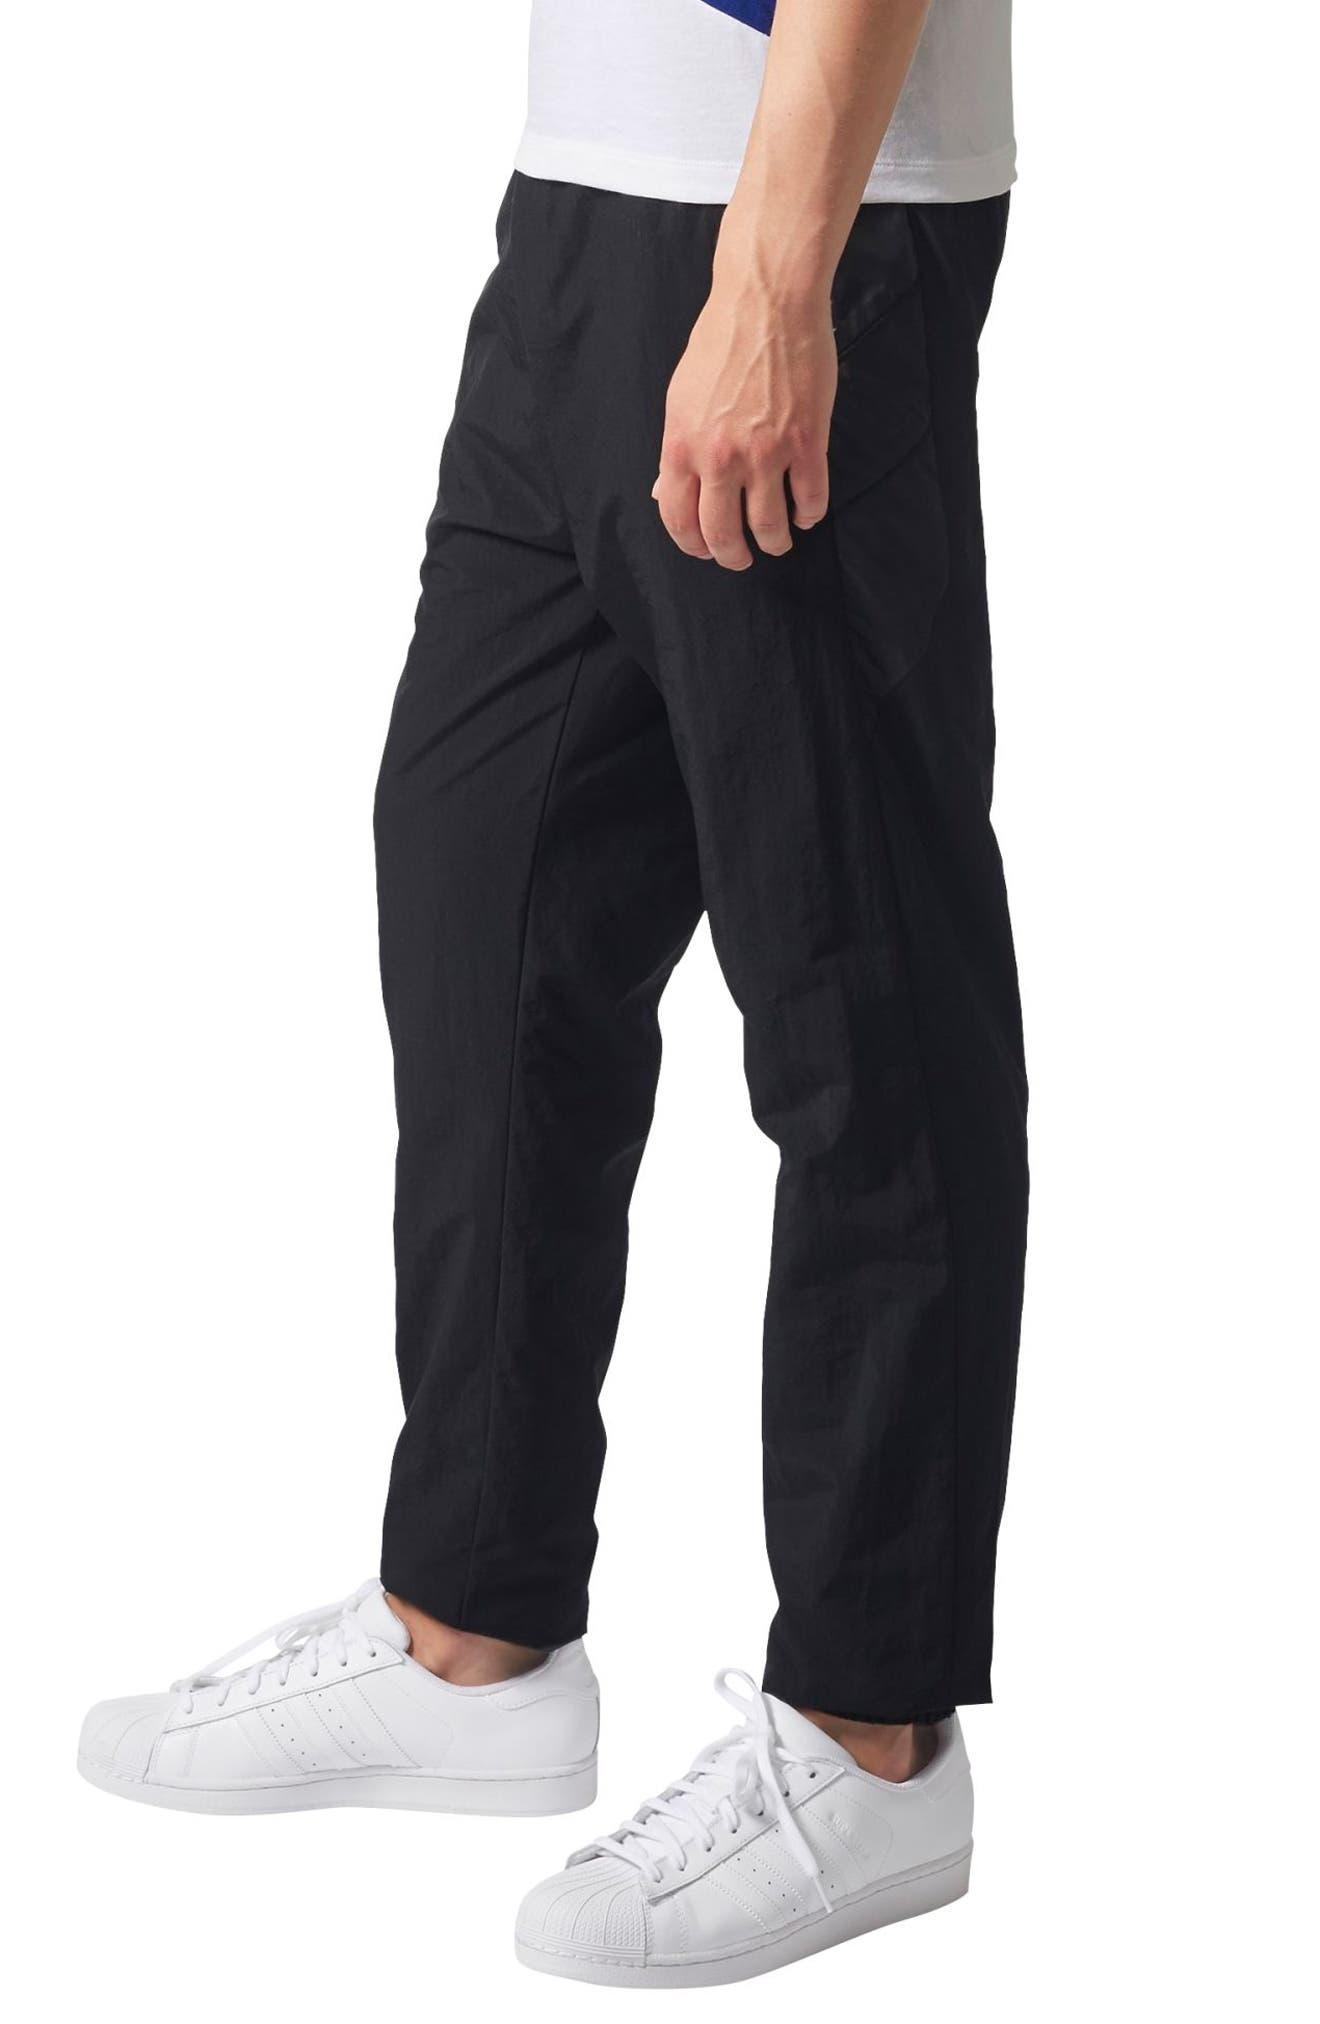 Originals Slim Tapered Pants,                             Alternate thumbnail 3, color,                             Black